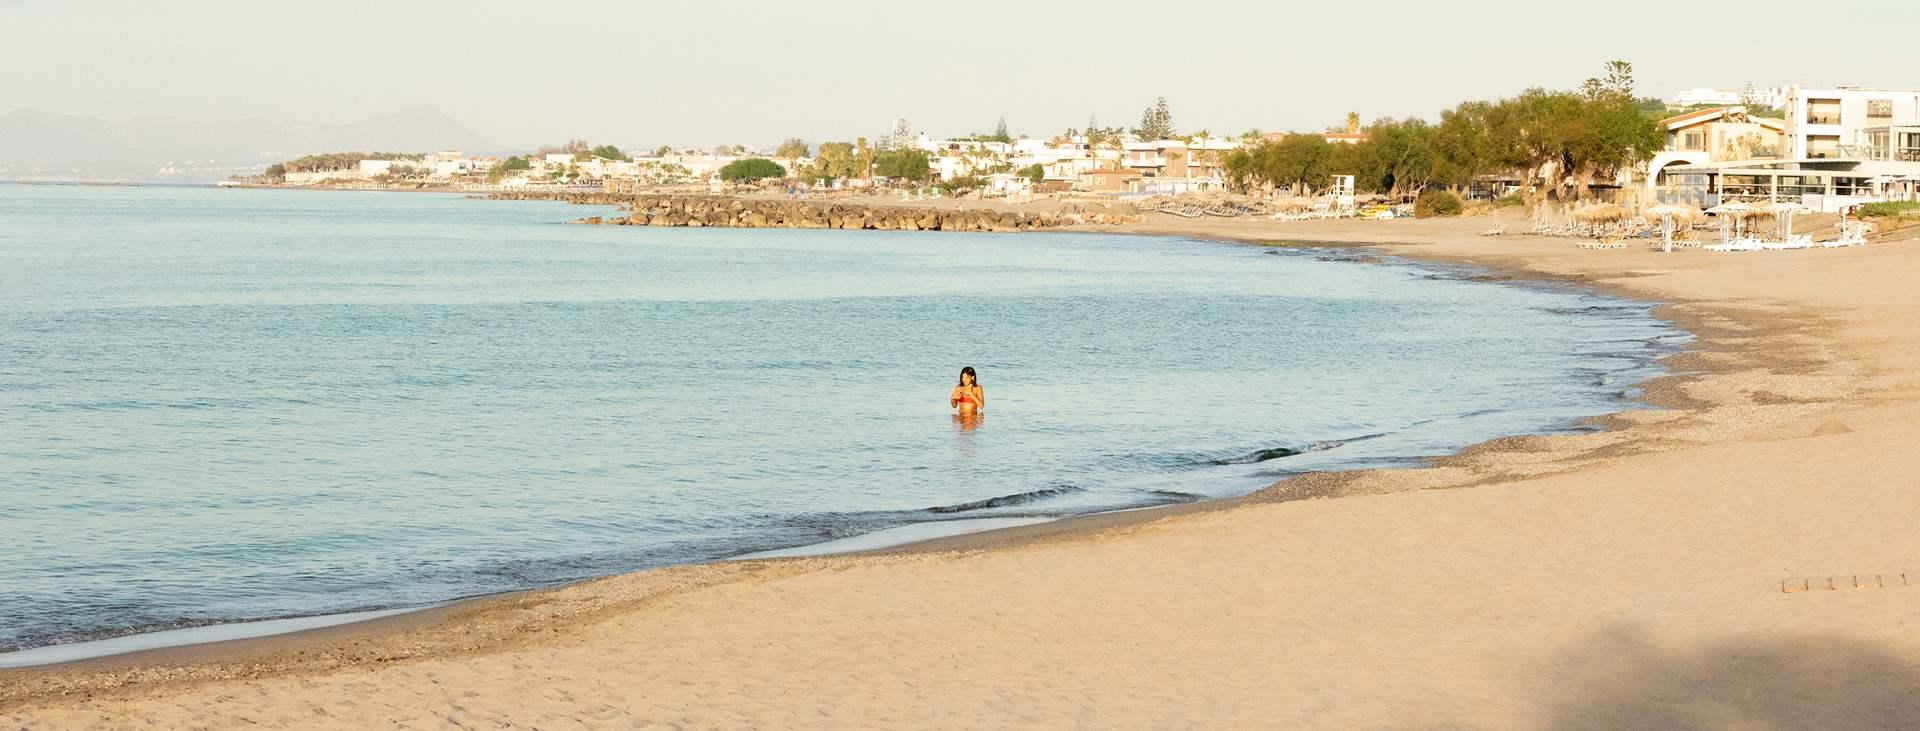 Boka din resa till Platanias i Grekland med Ving